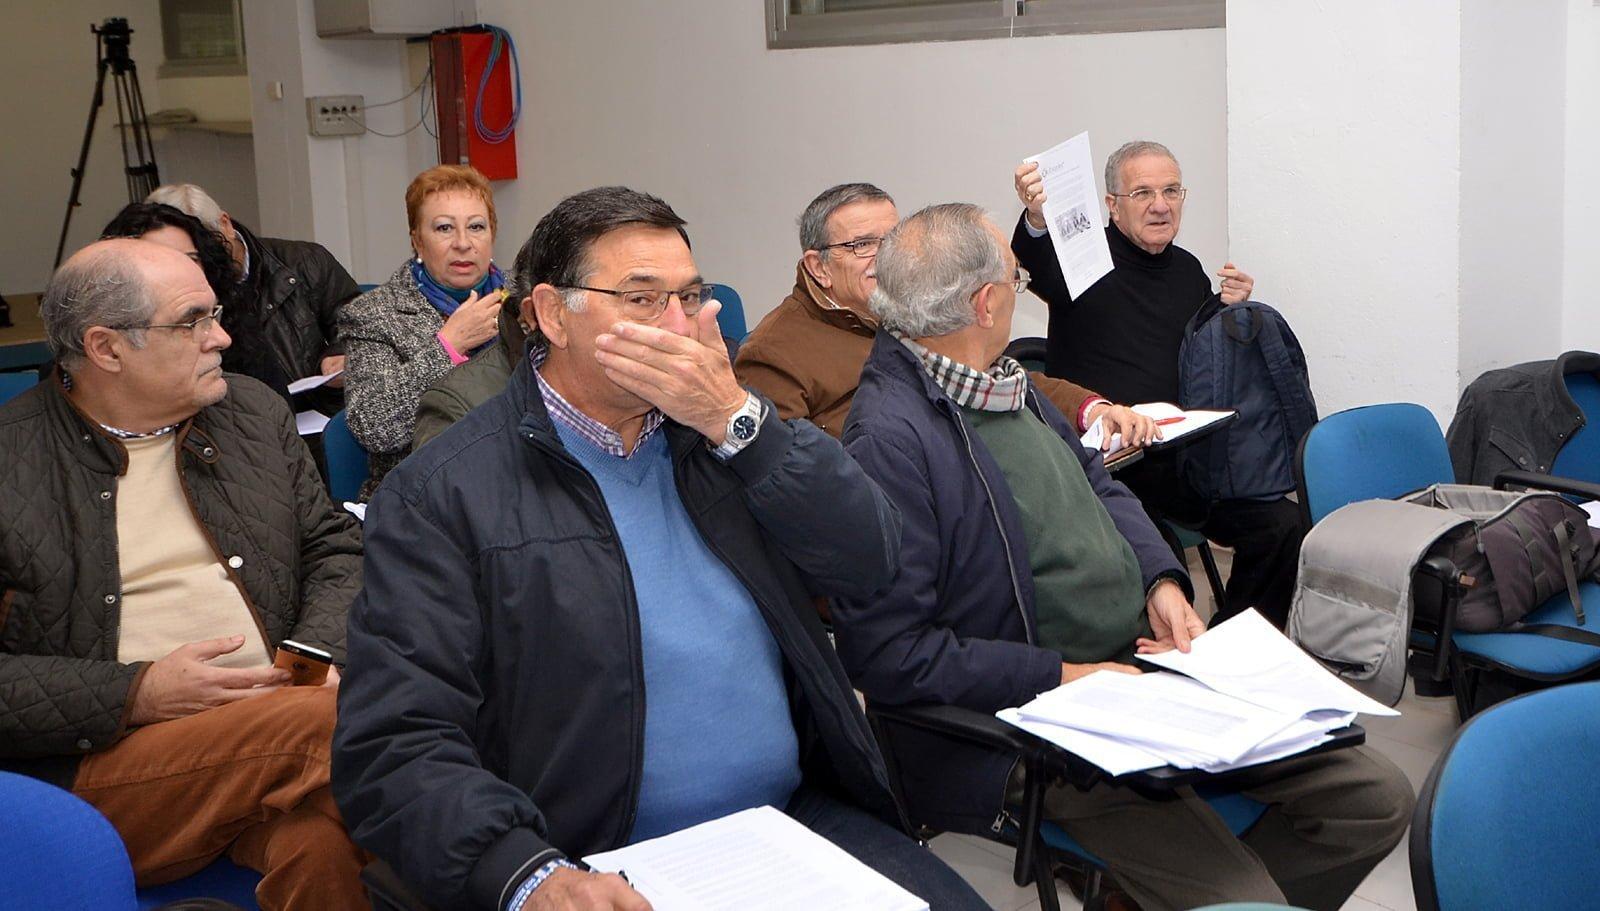 Socios asistentes a la Junta General de Accionistas del Recreativo del 10 de enero del 2017.